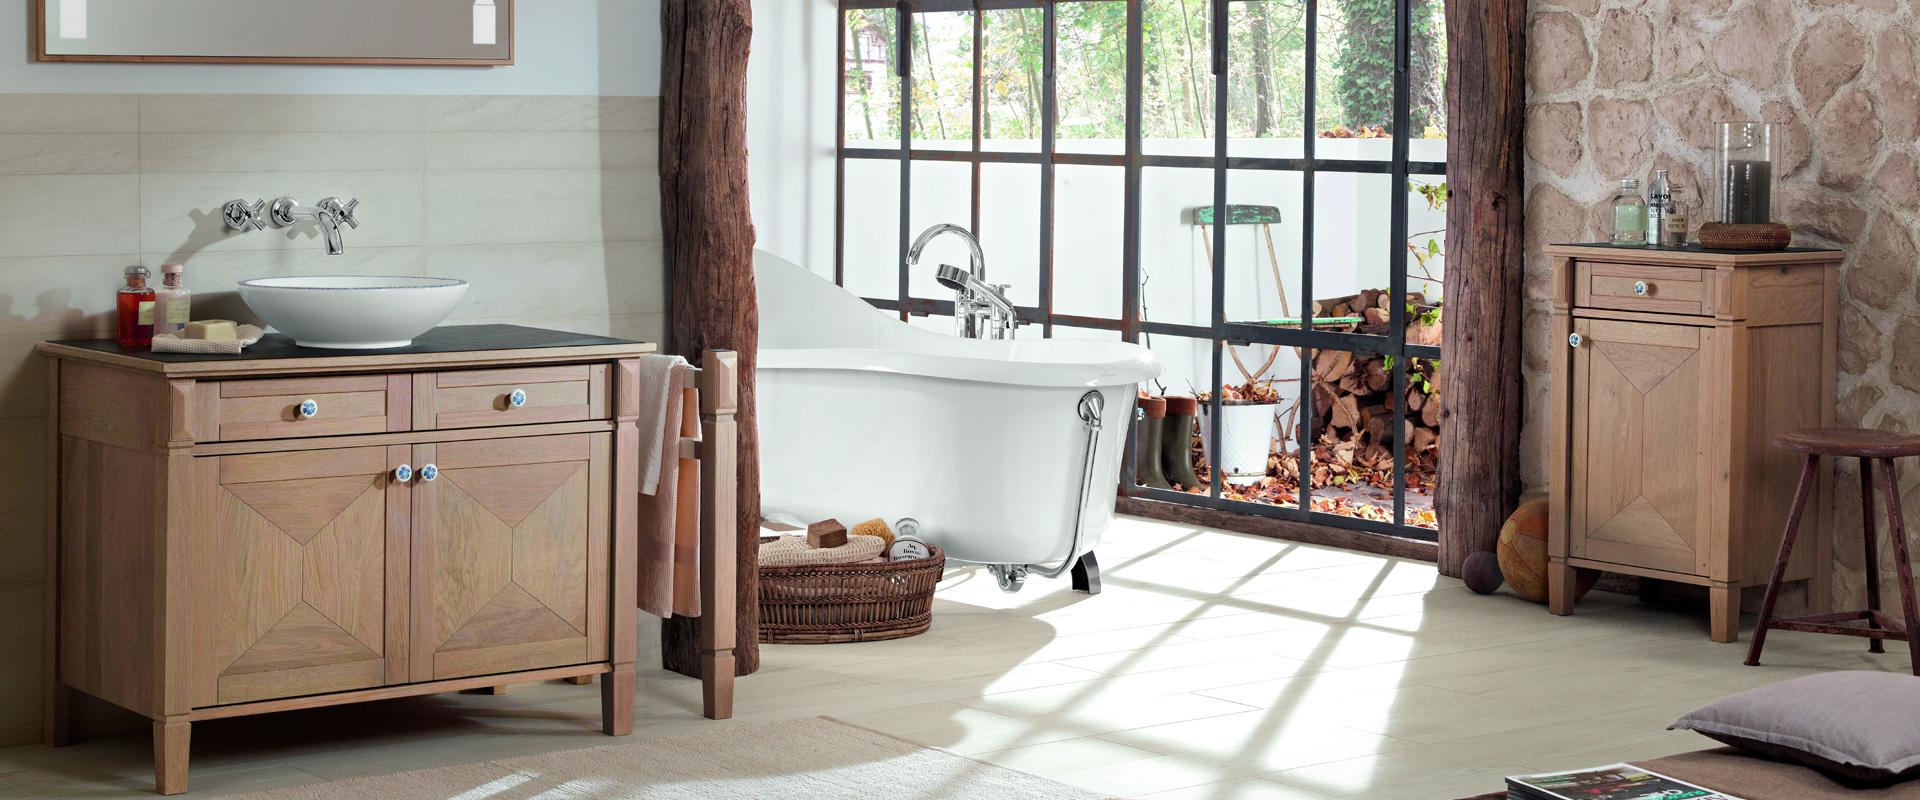 Bois Salle De Bain le mobilier de salle de bains en bois - recommandations d